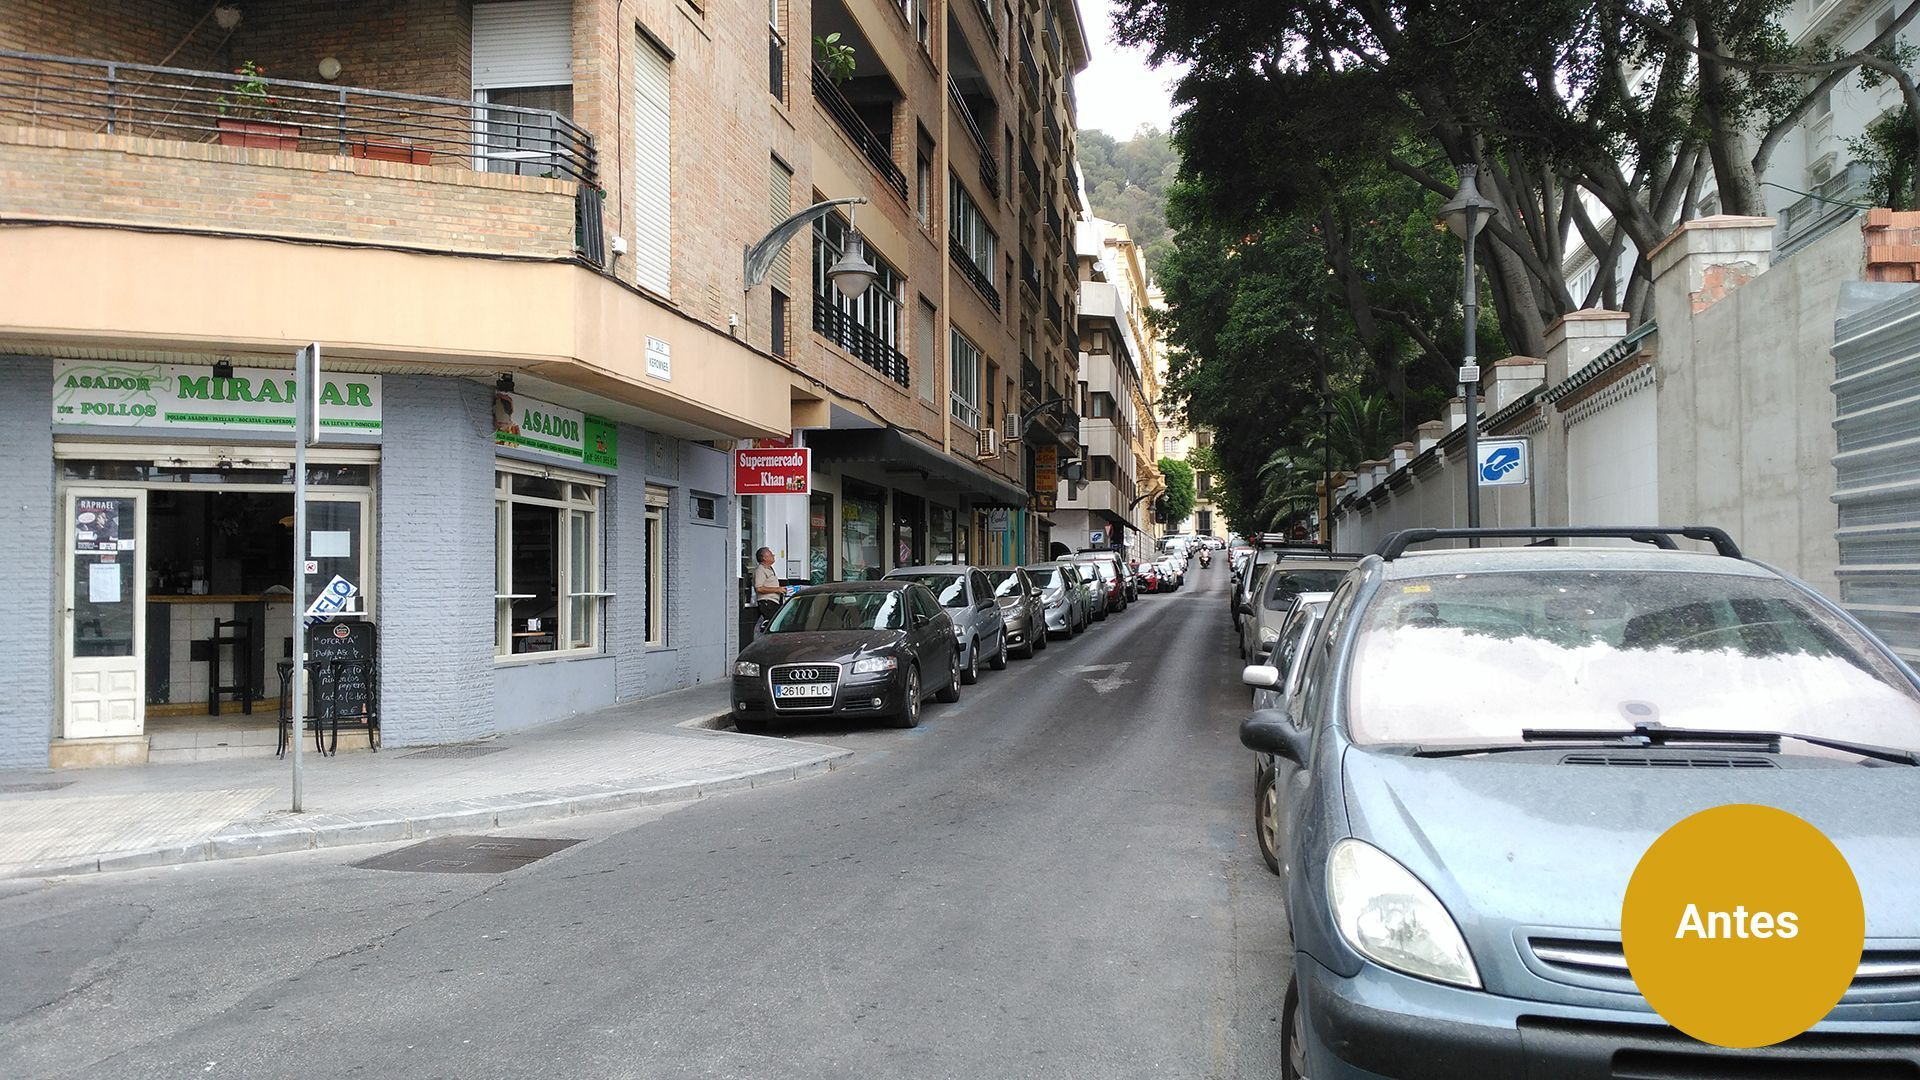 Calle Keromnes Previo -- Diseño urbano en Málaga